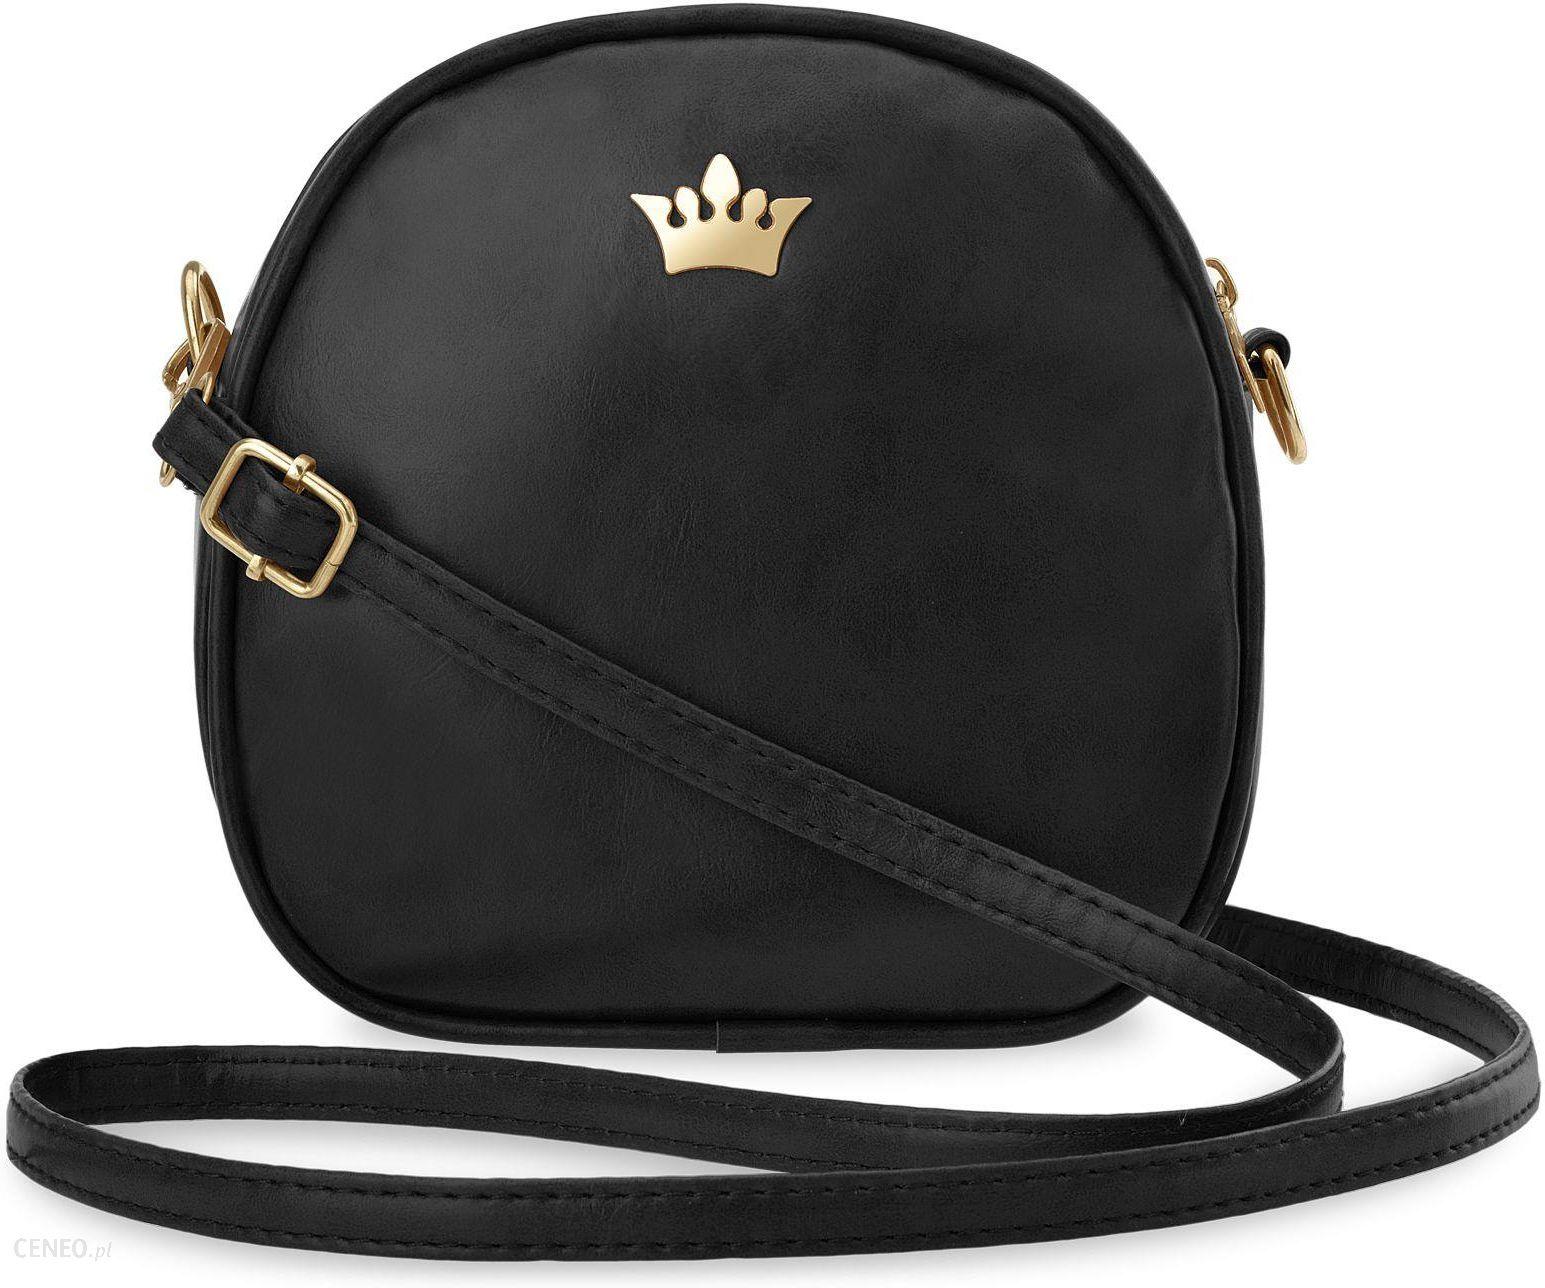 e6eac0cdef95d Mała torebka damska listonoszka przewieszka kuferek na długim pasku z  koroną - czarny - zdjęcie 1